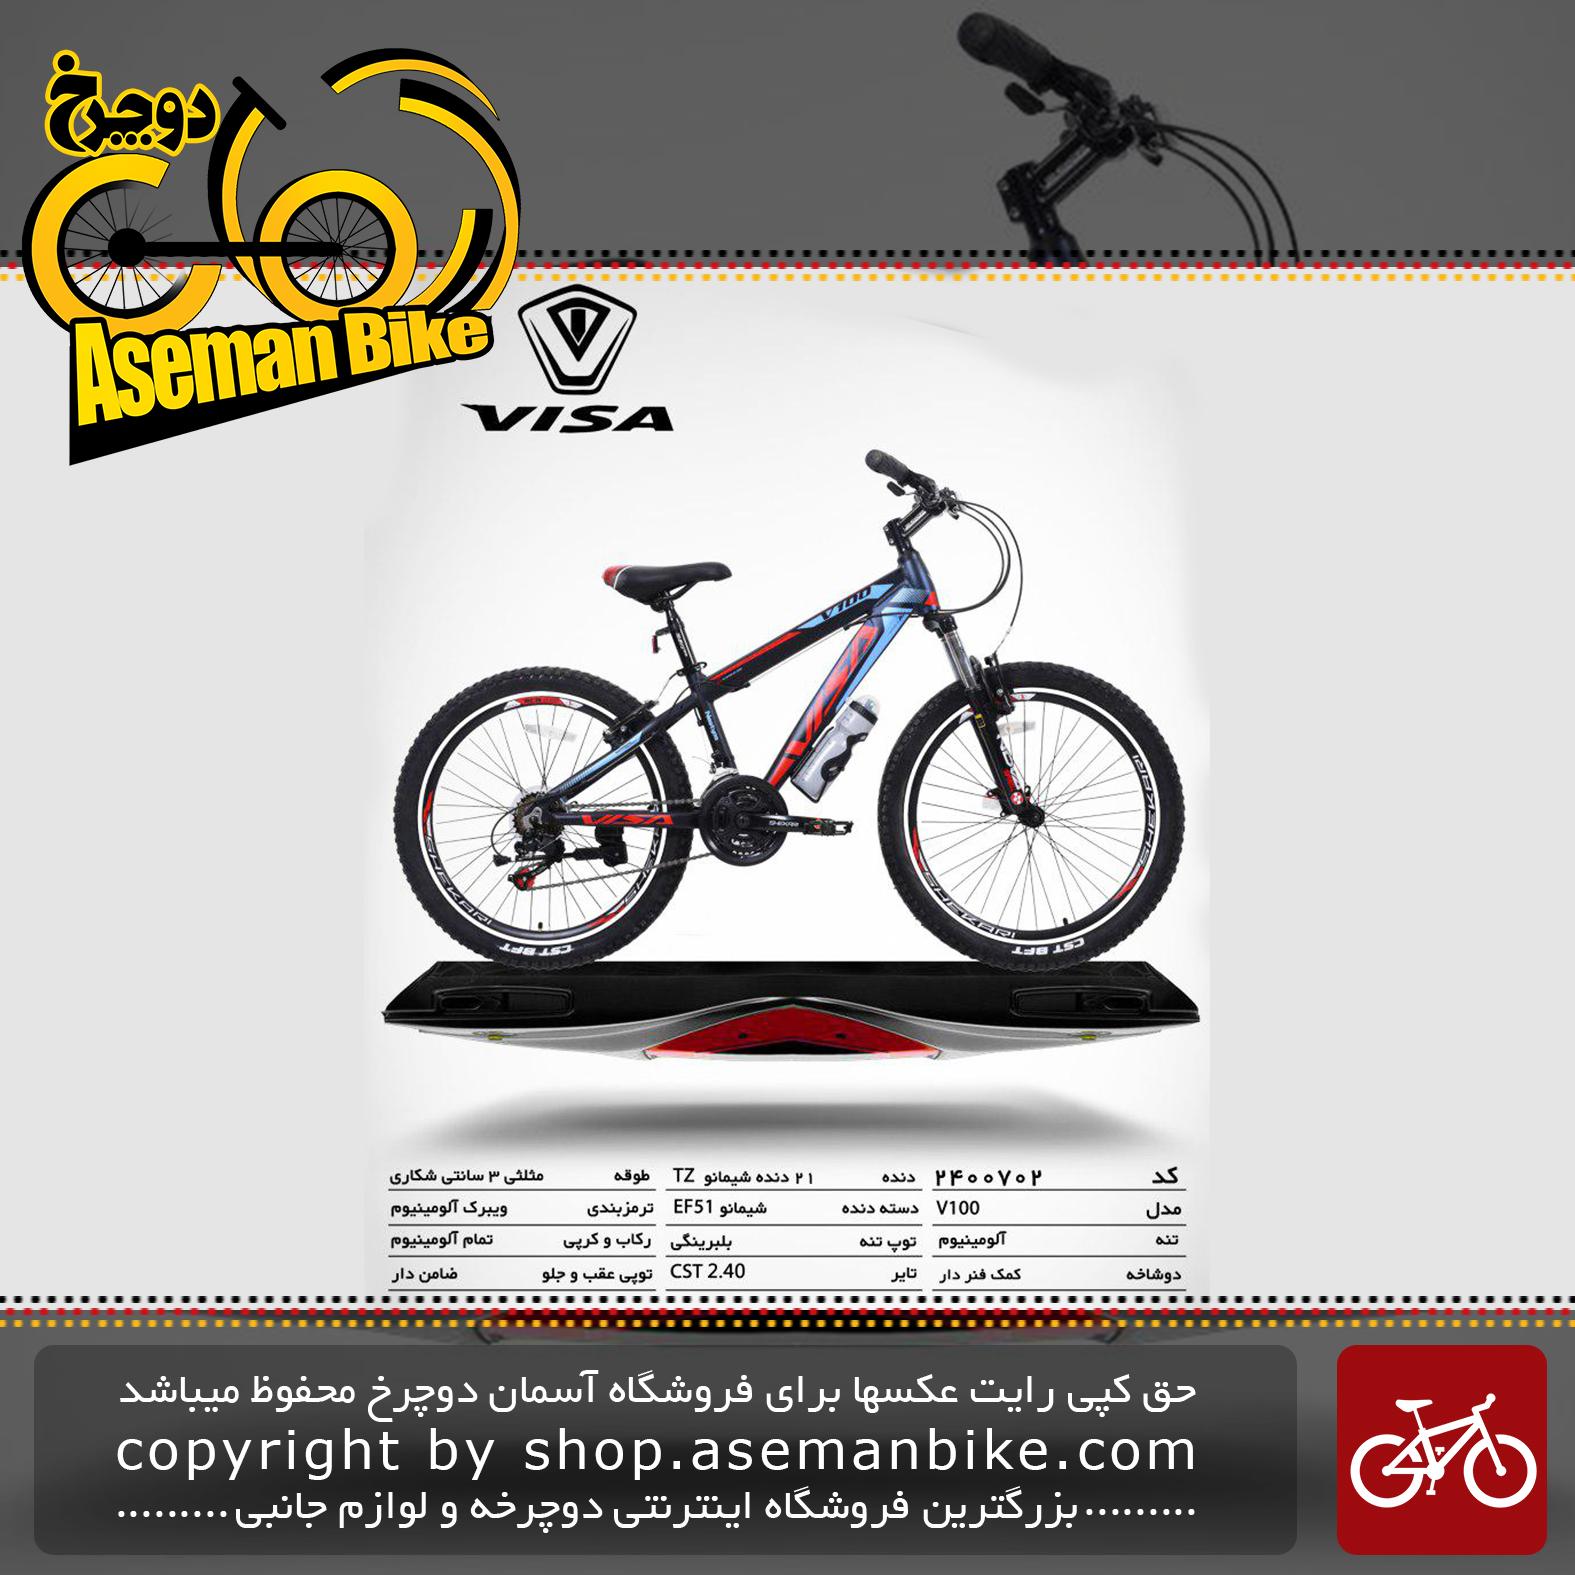 دوچرخه کوهستان ویزا21 دنده شیمانو تورنی تنه آلومینیوم سایز 24مدل وی100 visa bicycle 24 21 speed shimano tourney tz aluminum vb v100 2019